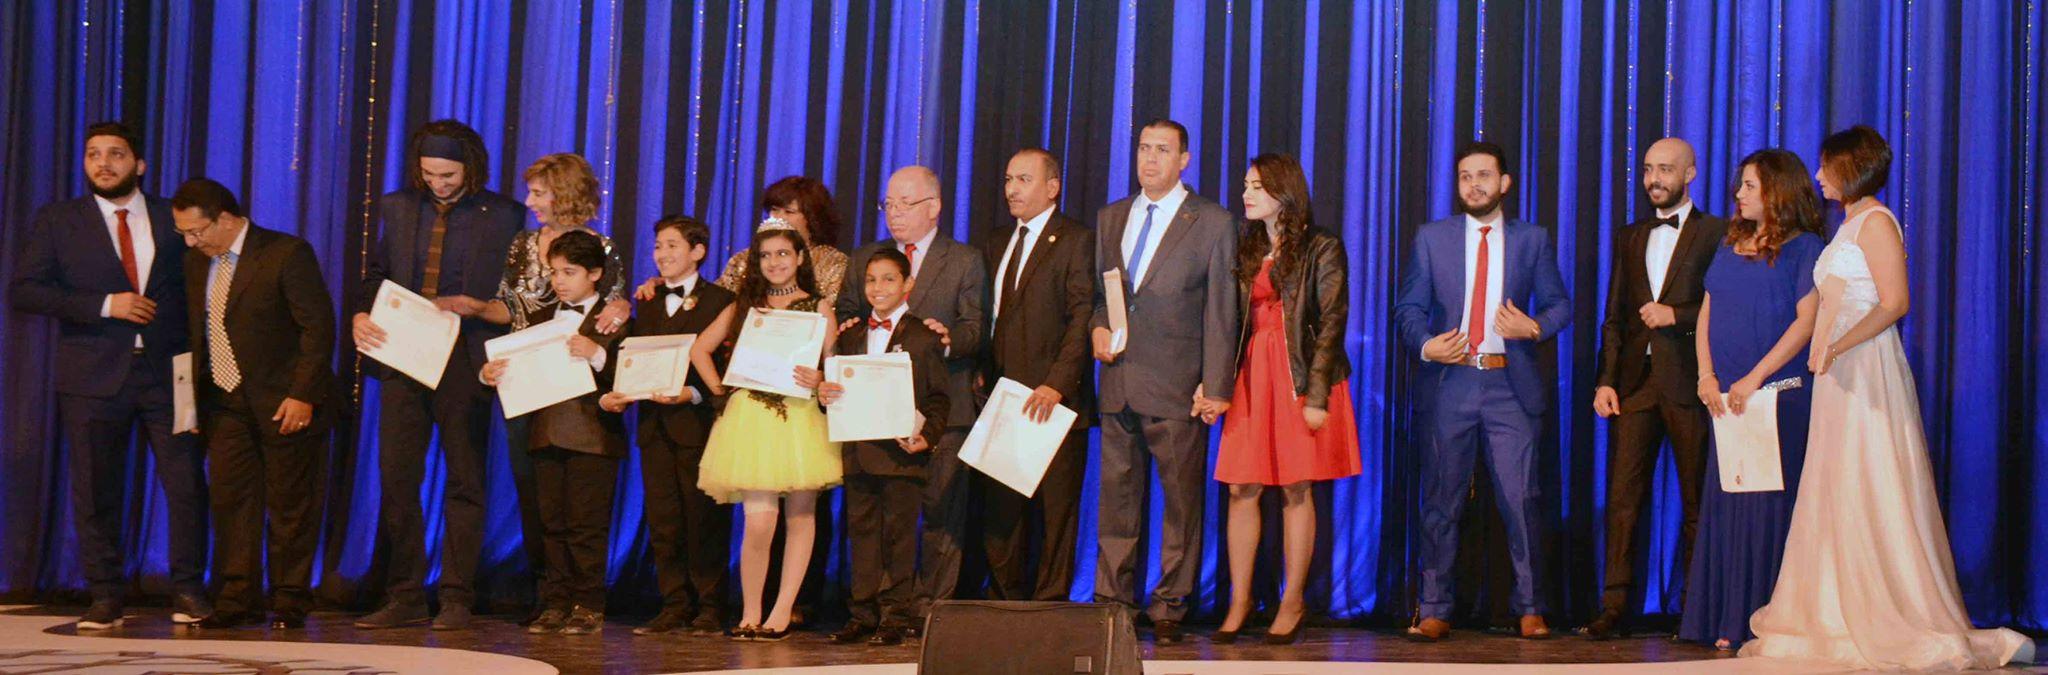 وزير الثقافة يشهد ختام مهرجان الموسيقي العربية فى دورته 26 (4)